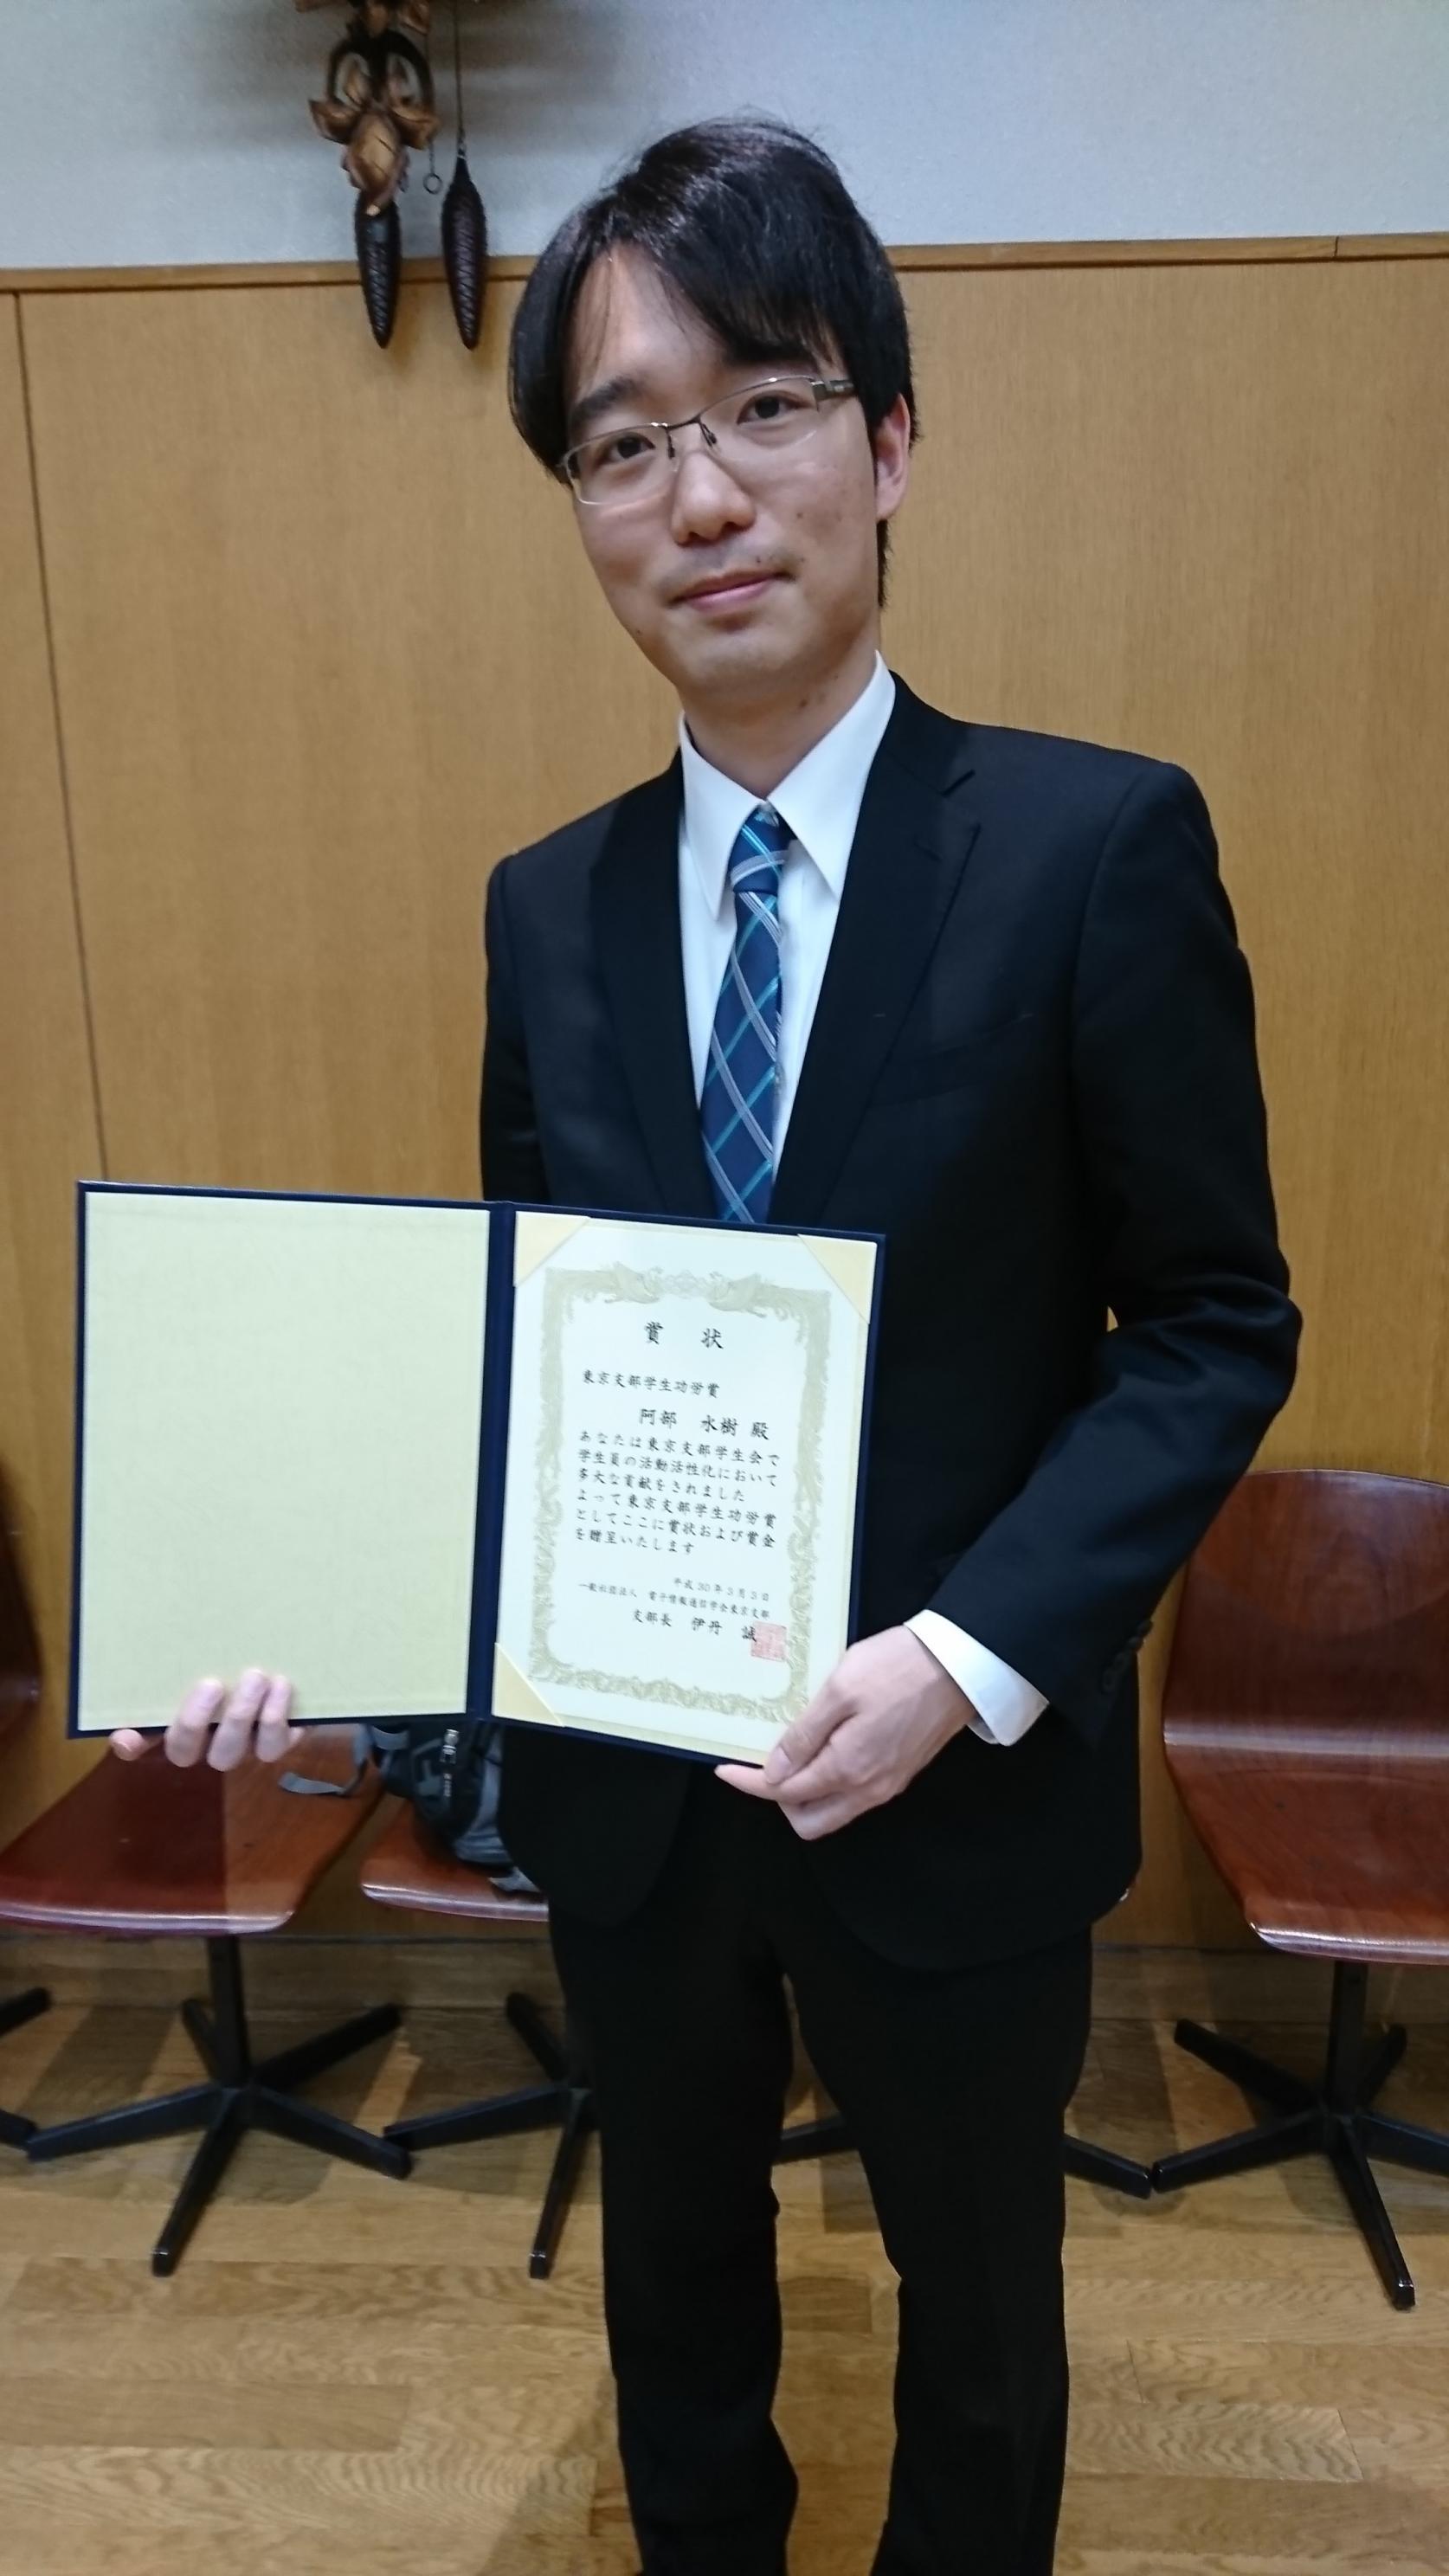 精密機械工学専攻2年の阿部水樹さんが「電子情報通信学会」において、東京支部学生功労賞を受賞しました。